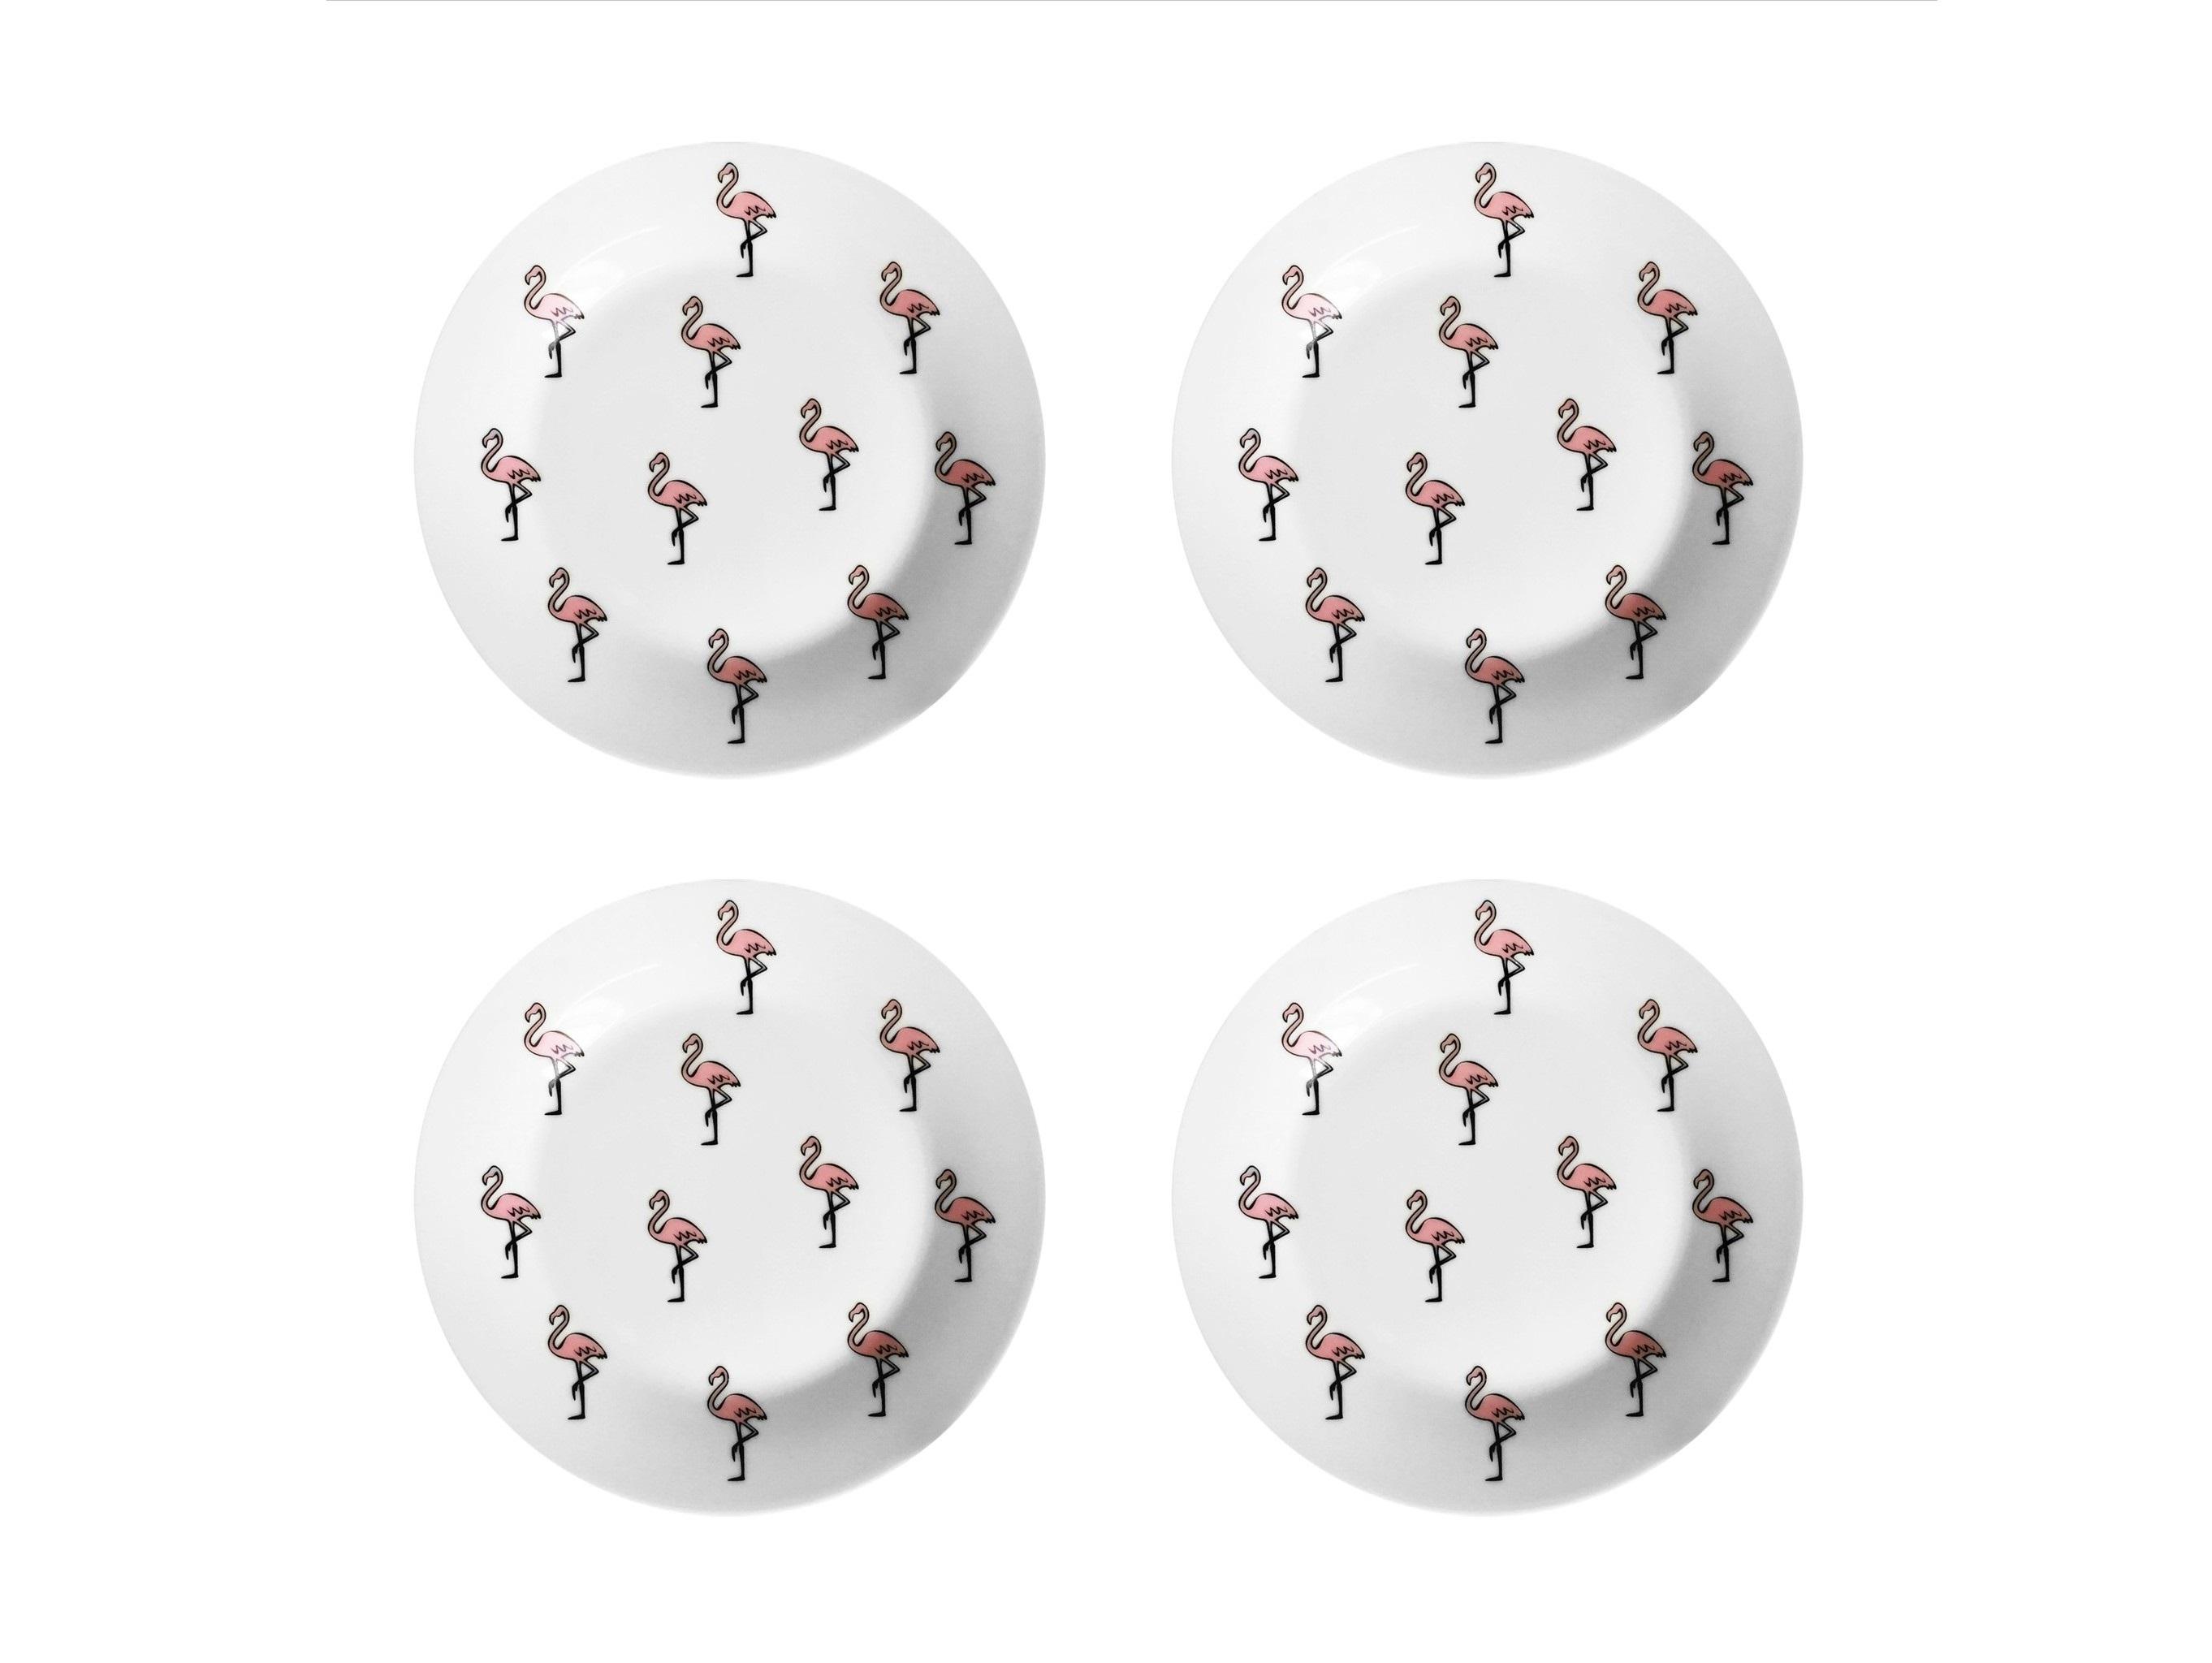 Набор тарелок Розовый фламинго (4 шт)Тарелки<br>Посуду можно использовать в микроволновой печи и посудомоечной машине.&amp;amp;nbsp;&amp;lt;div&amp;gt;В комплект входят: Тарелка 20 см - 4 шт.&amp;lt;/div&amp;gt;<br><br>Material: Фарфор